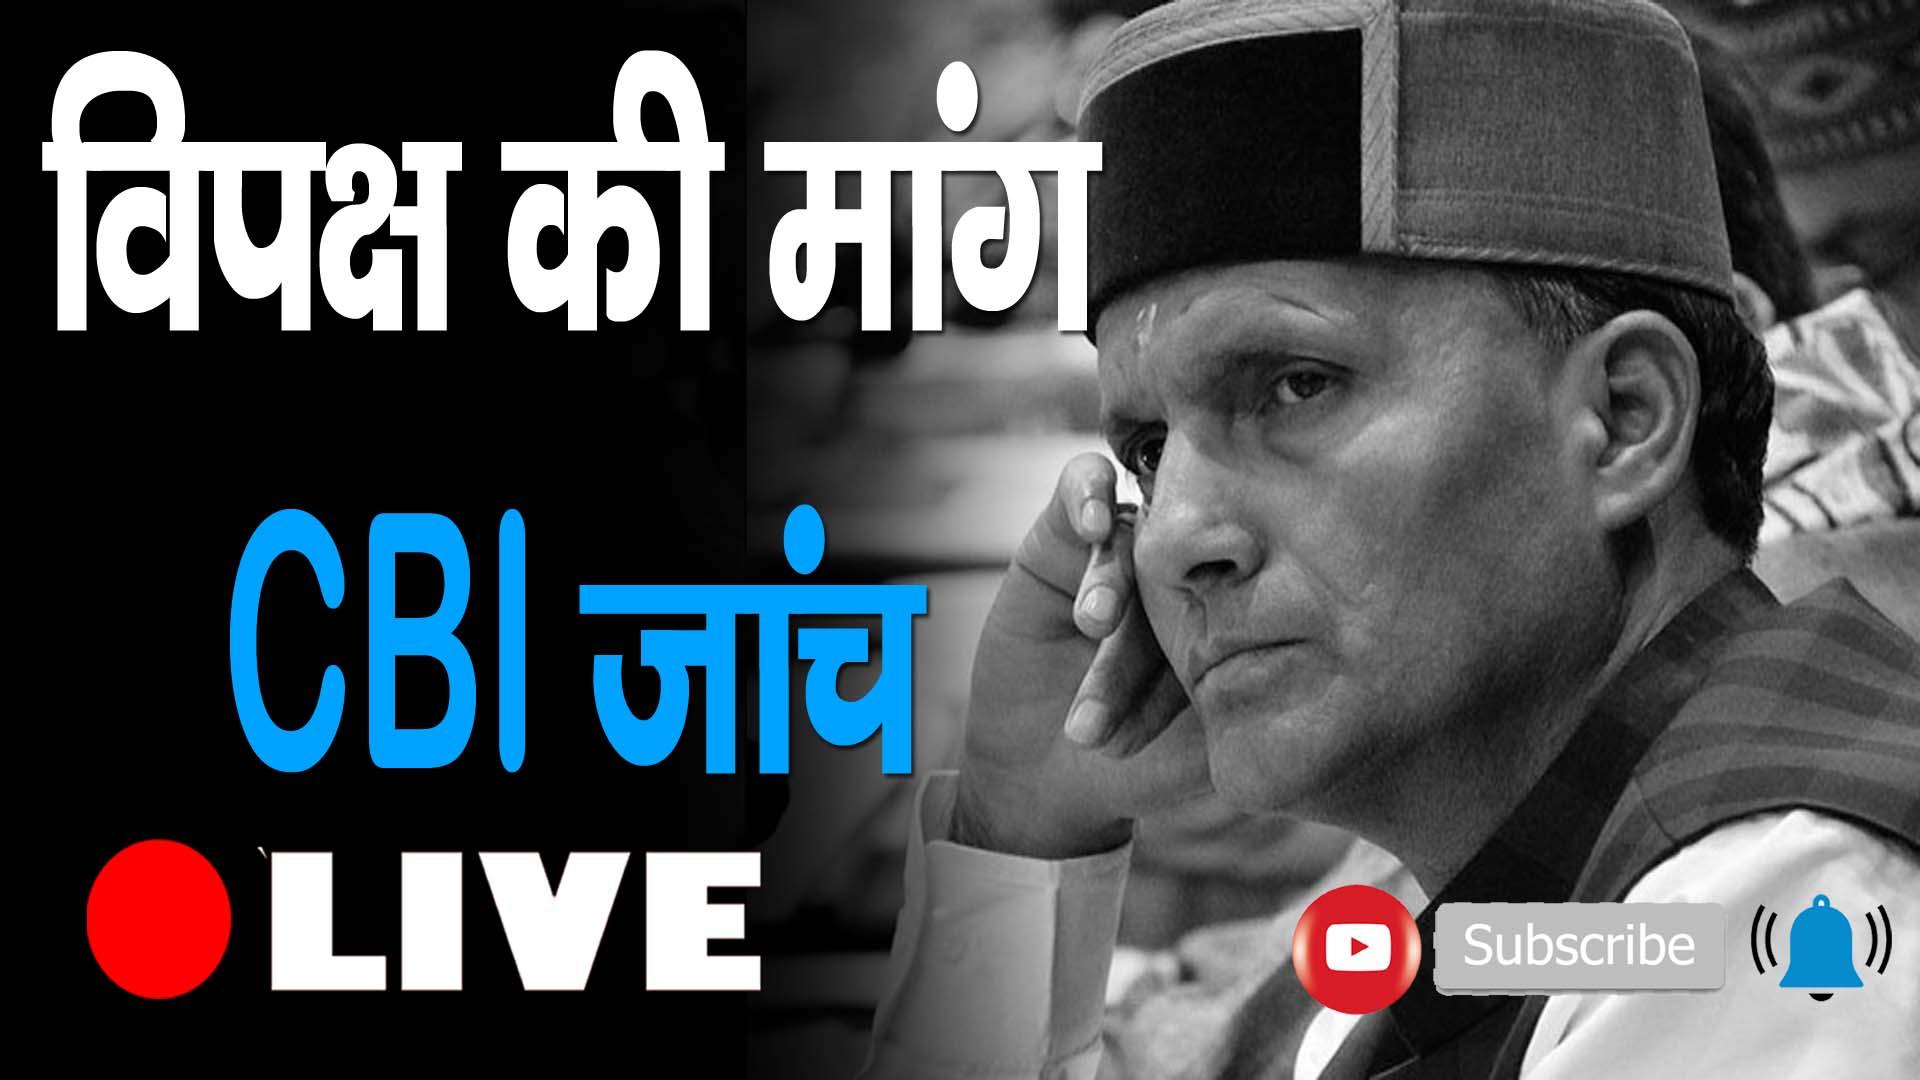 राम स्वरूप शर्मा मौत मामला- CBI जांच मांगे विपक्ष